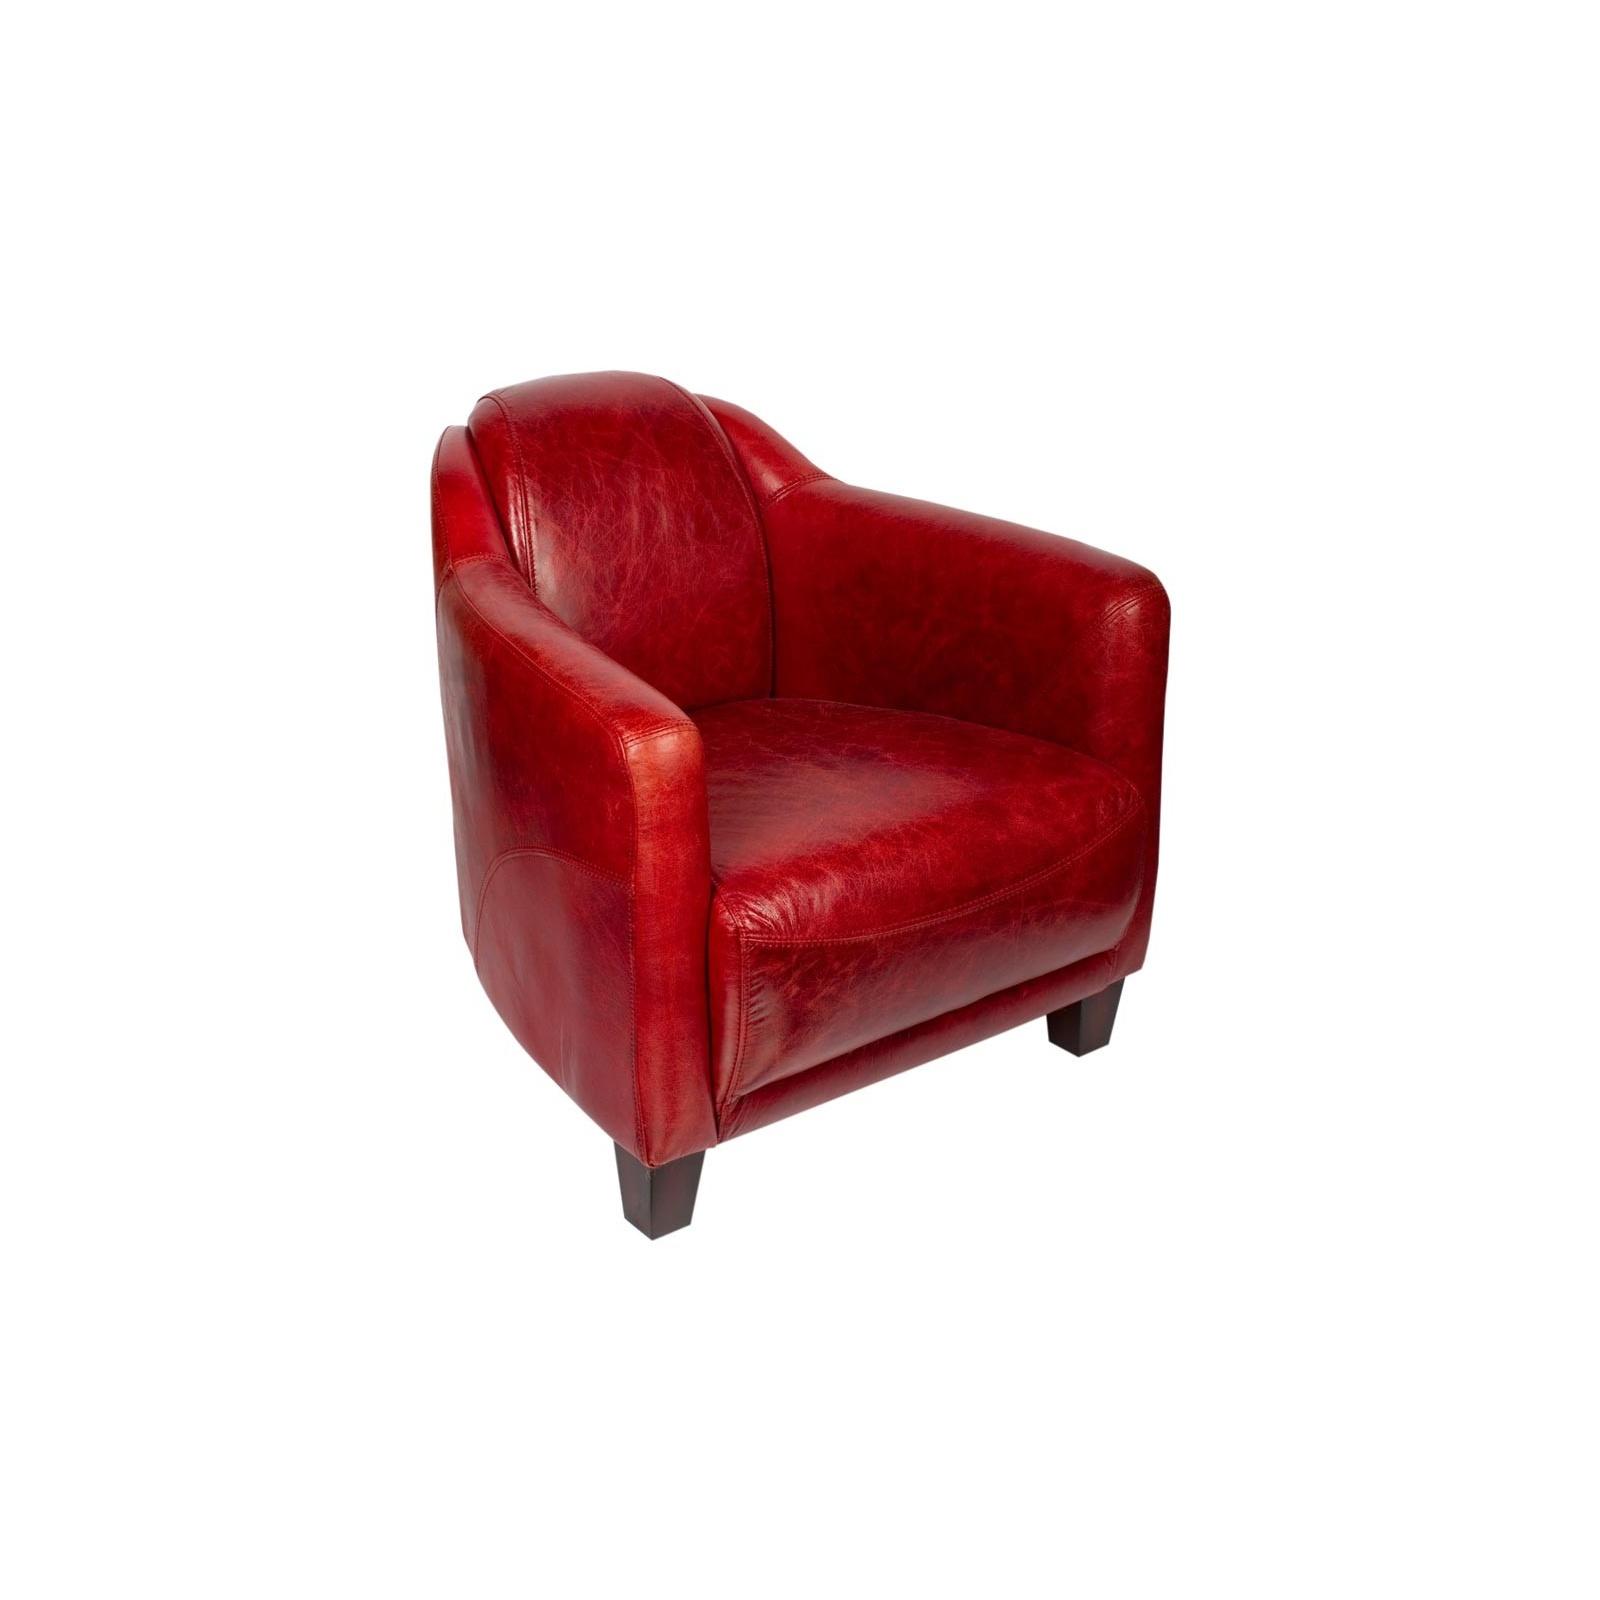 le fauteuil gentleman rouge jp2b d coration. Black Bedroom Furniture Sets. Home Design Ideas